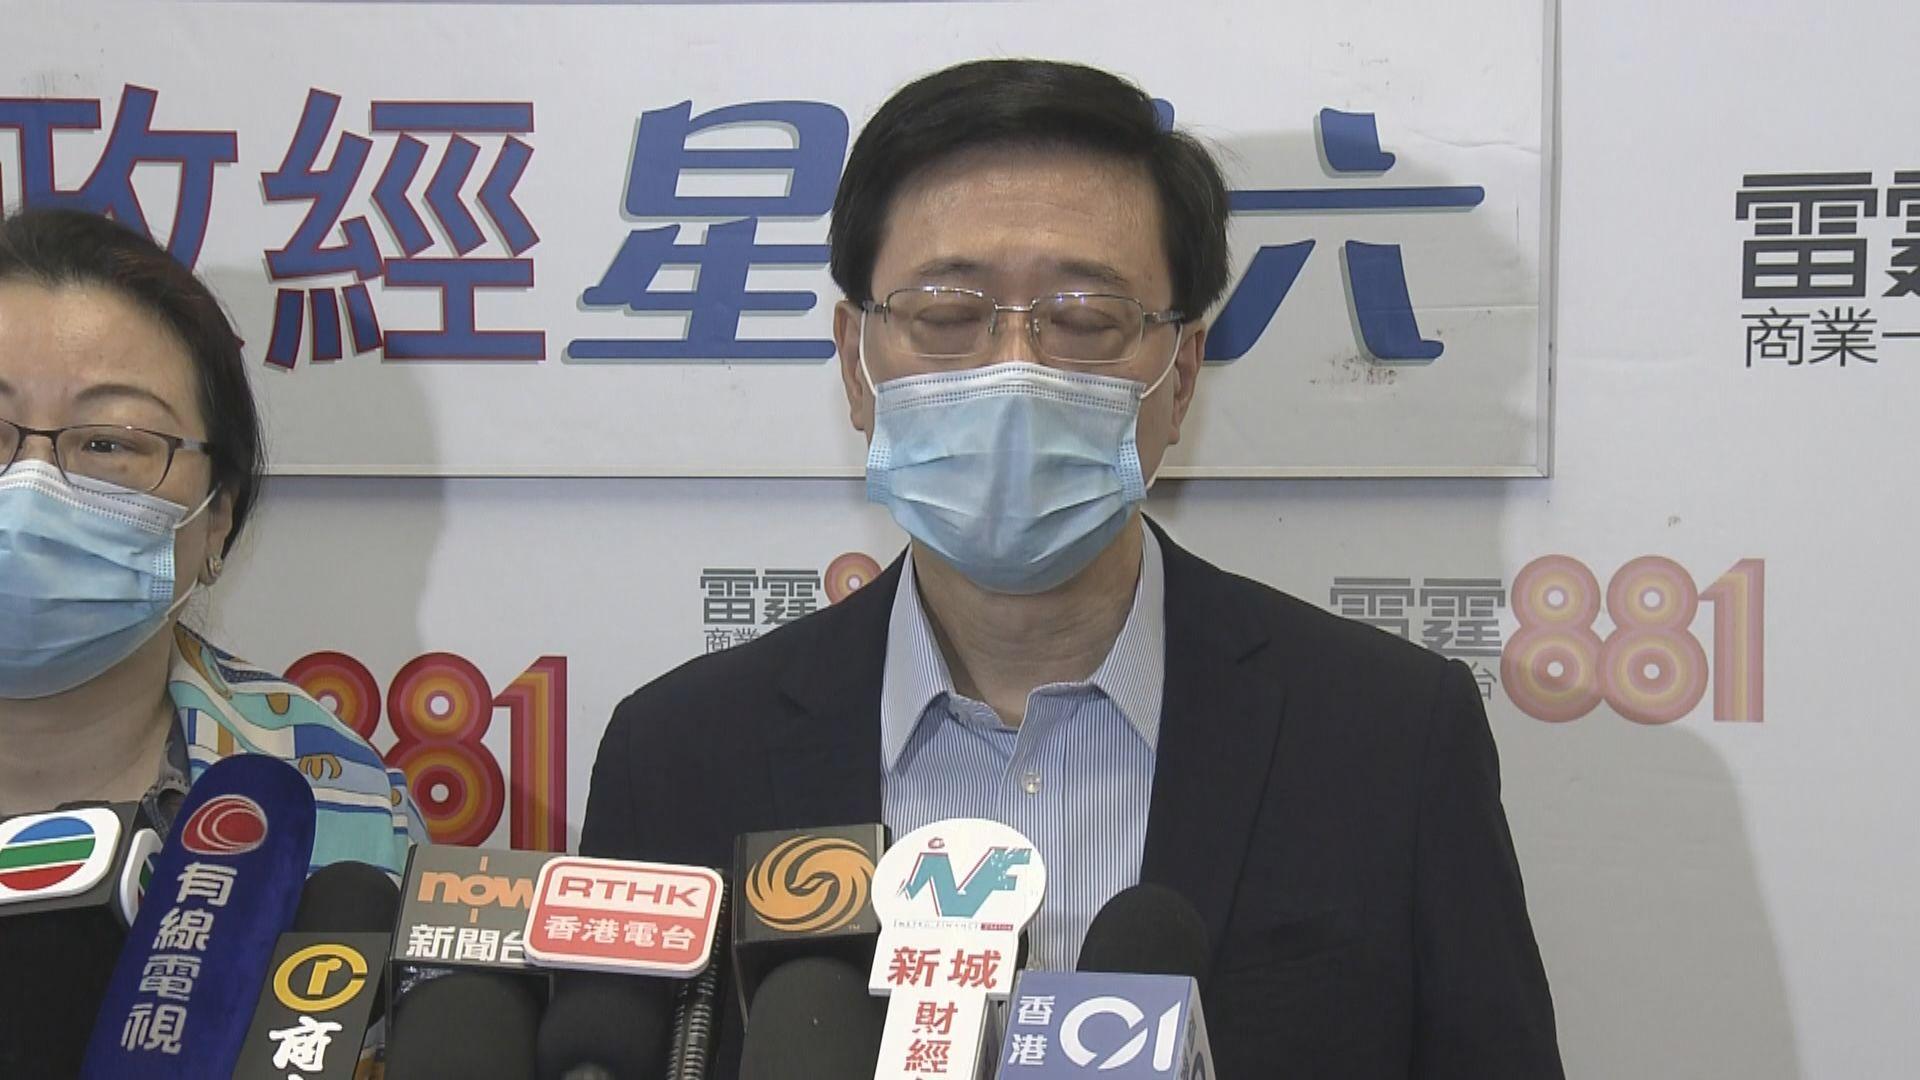 李家超:若有助查案 警方有權檢取DNA樣本